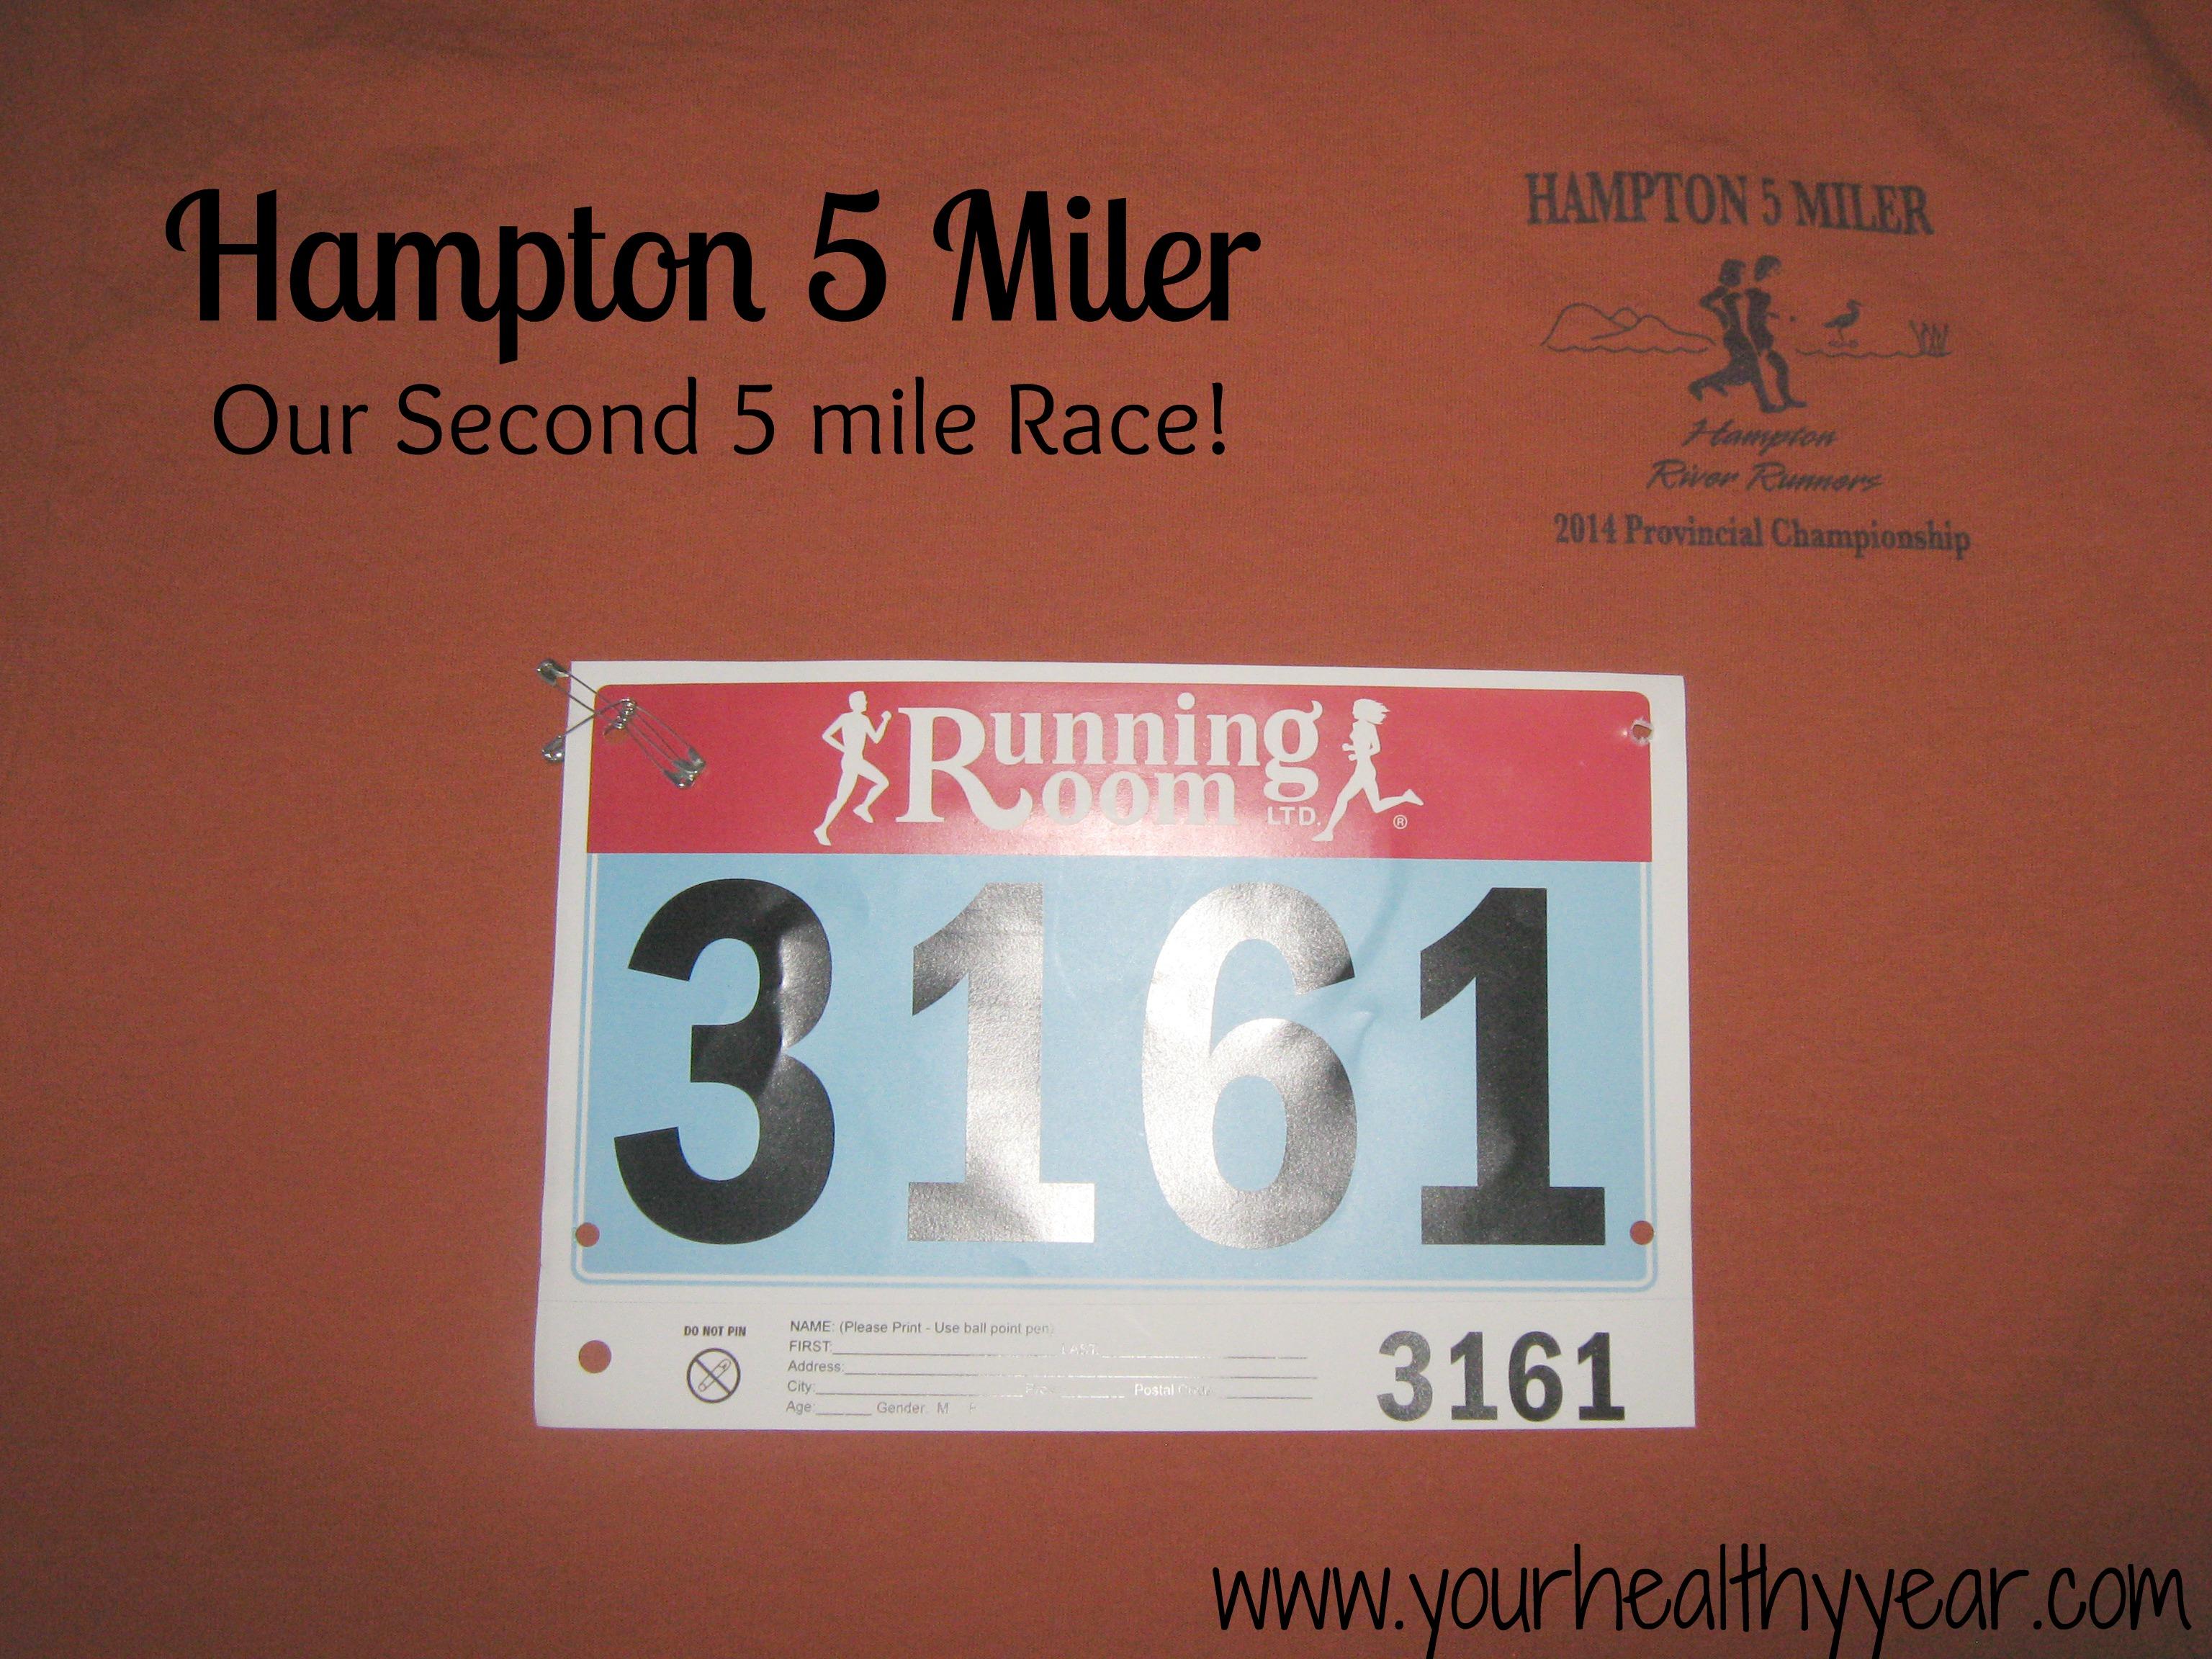 Hampton 5 Miler 2014